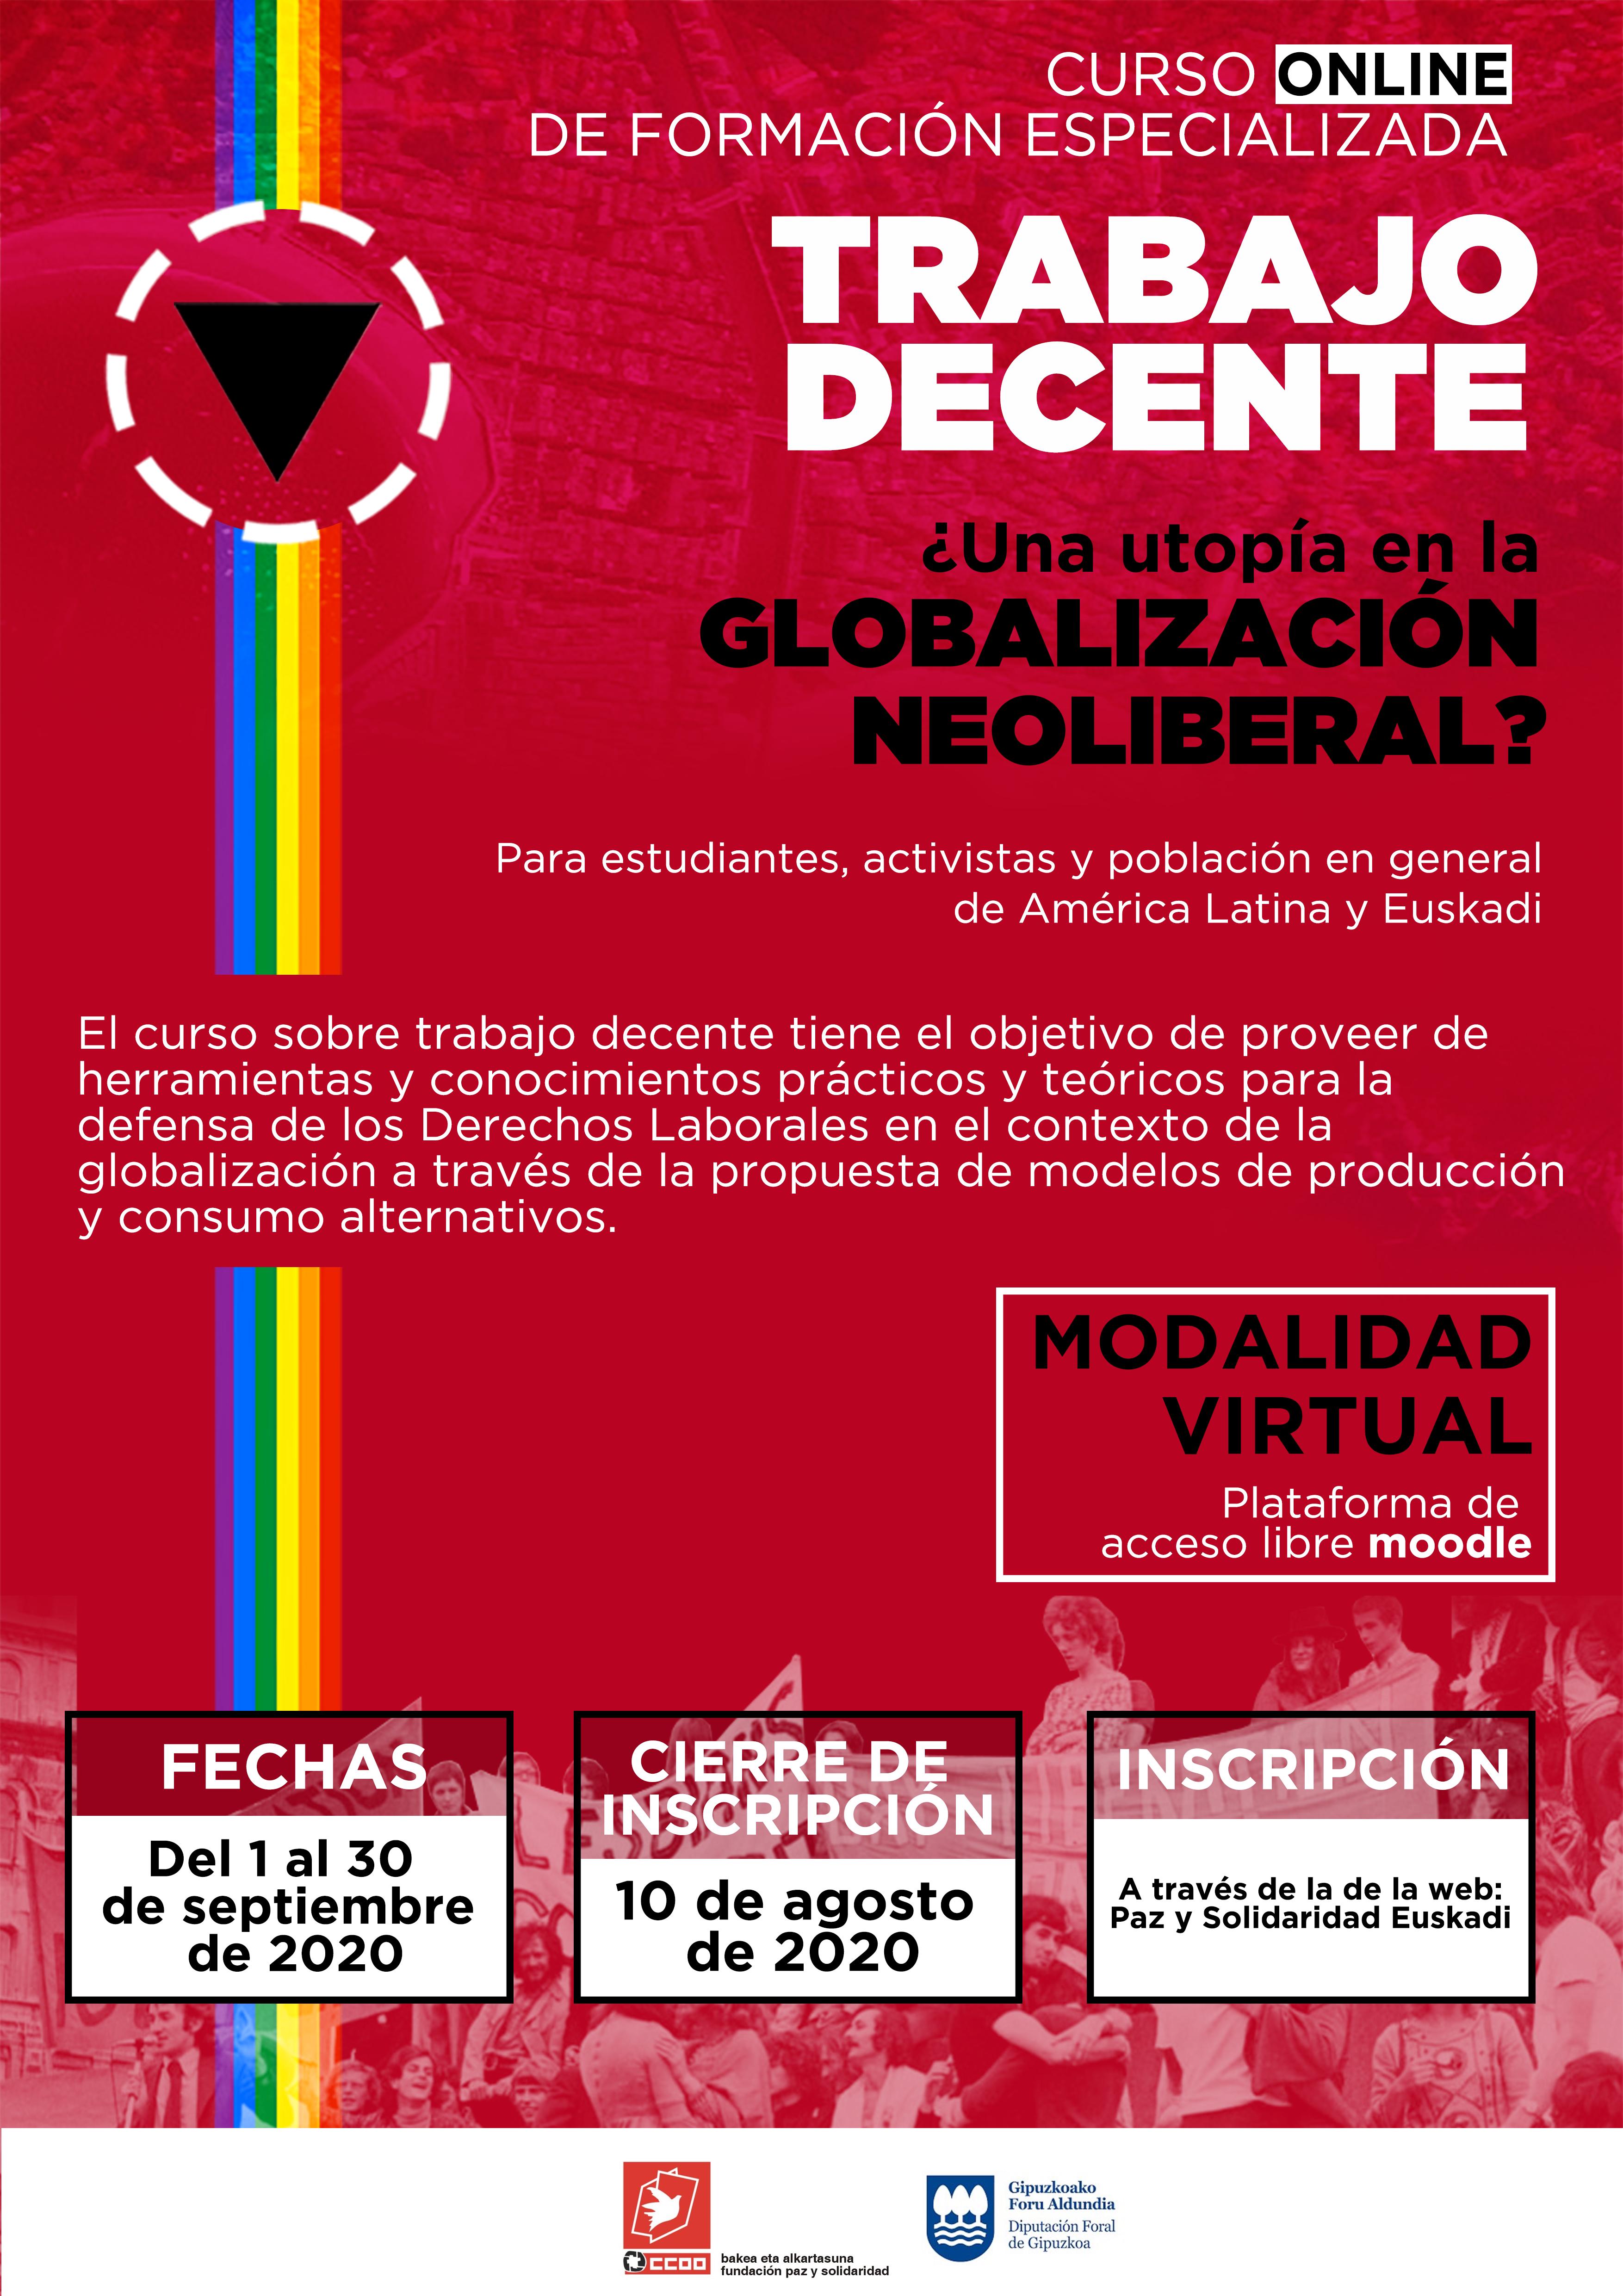 Curso online gratuito de formación especializada sobre TRABAJO DECENTE